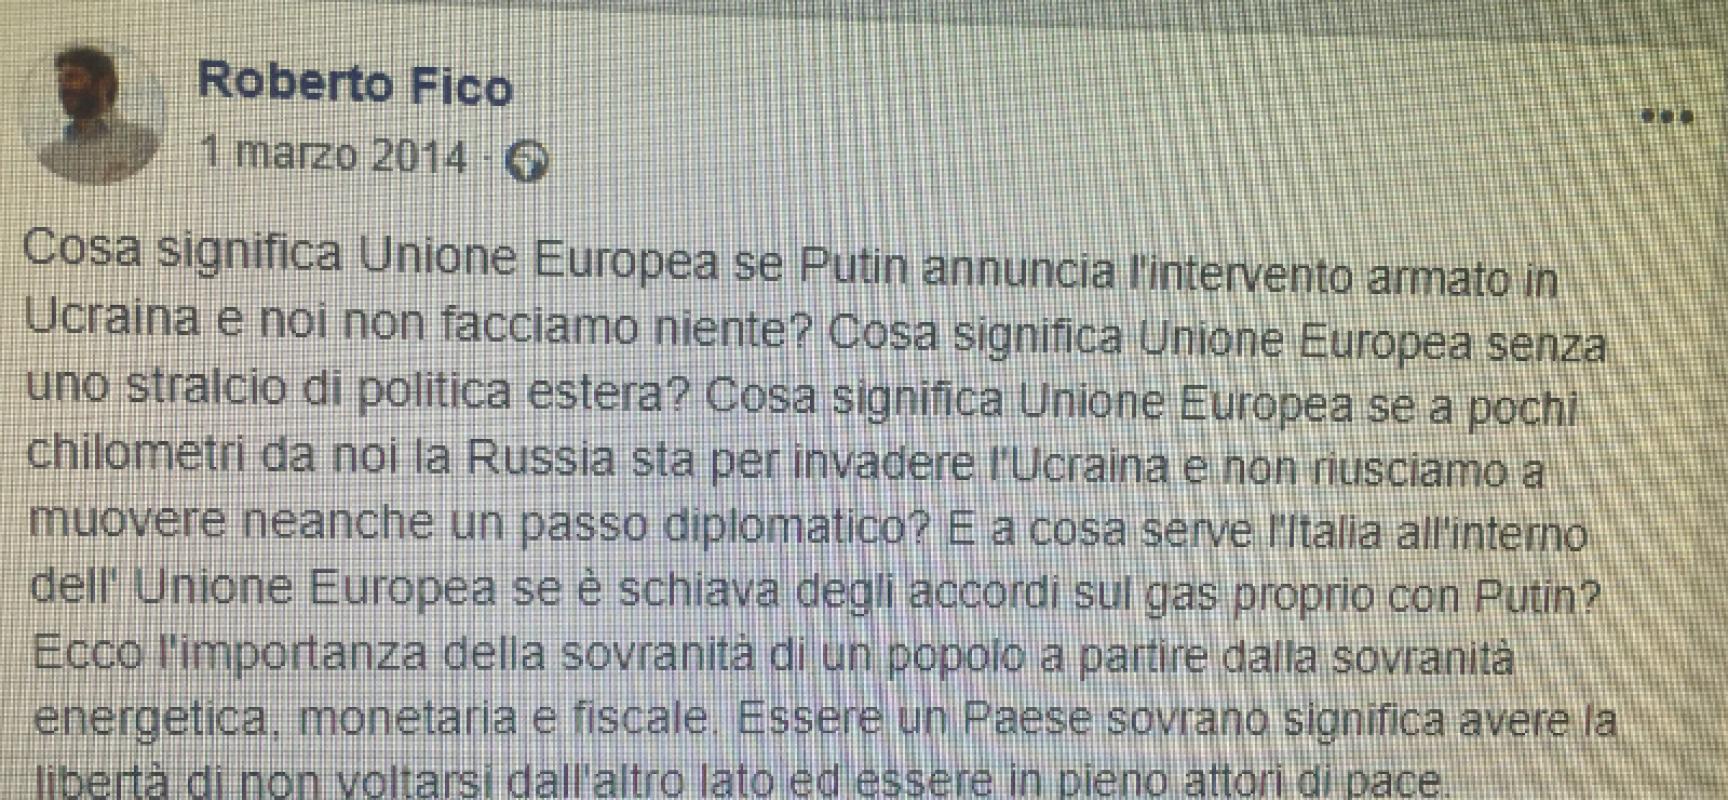 Roberto Fico cambia idea e si schiera con Putin